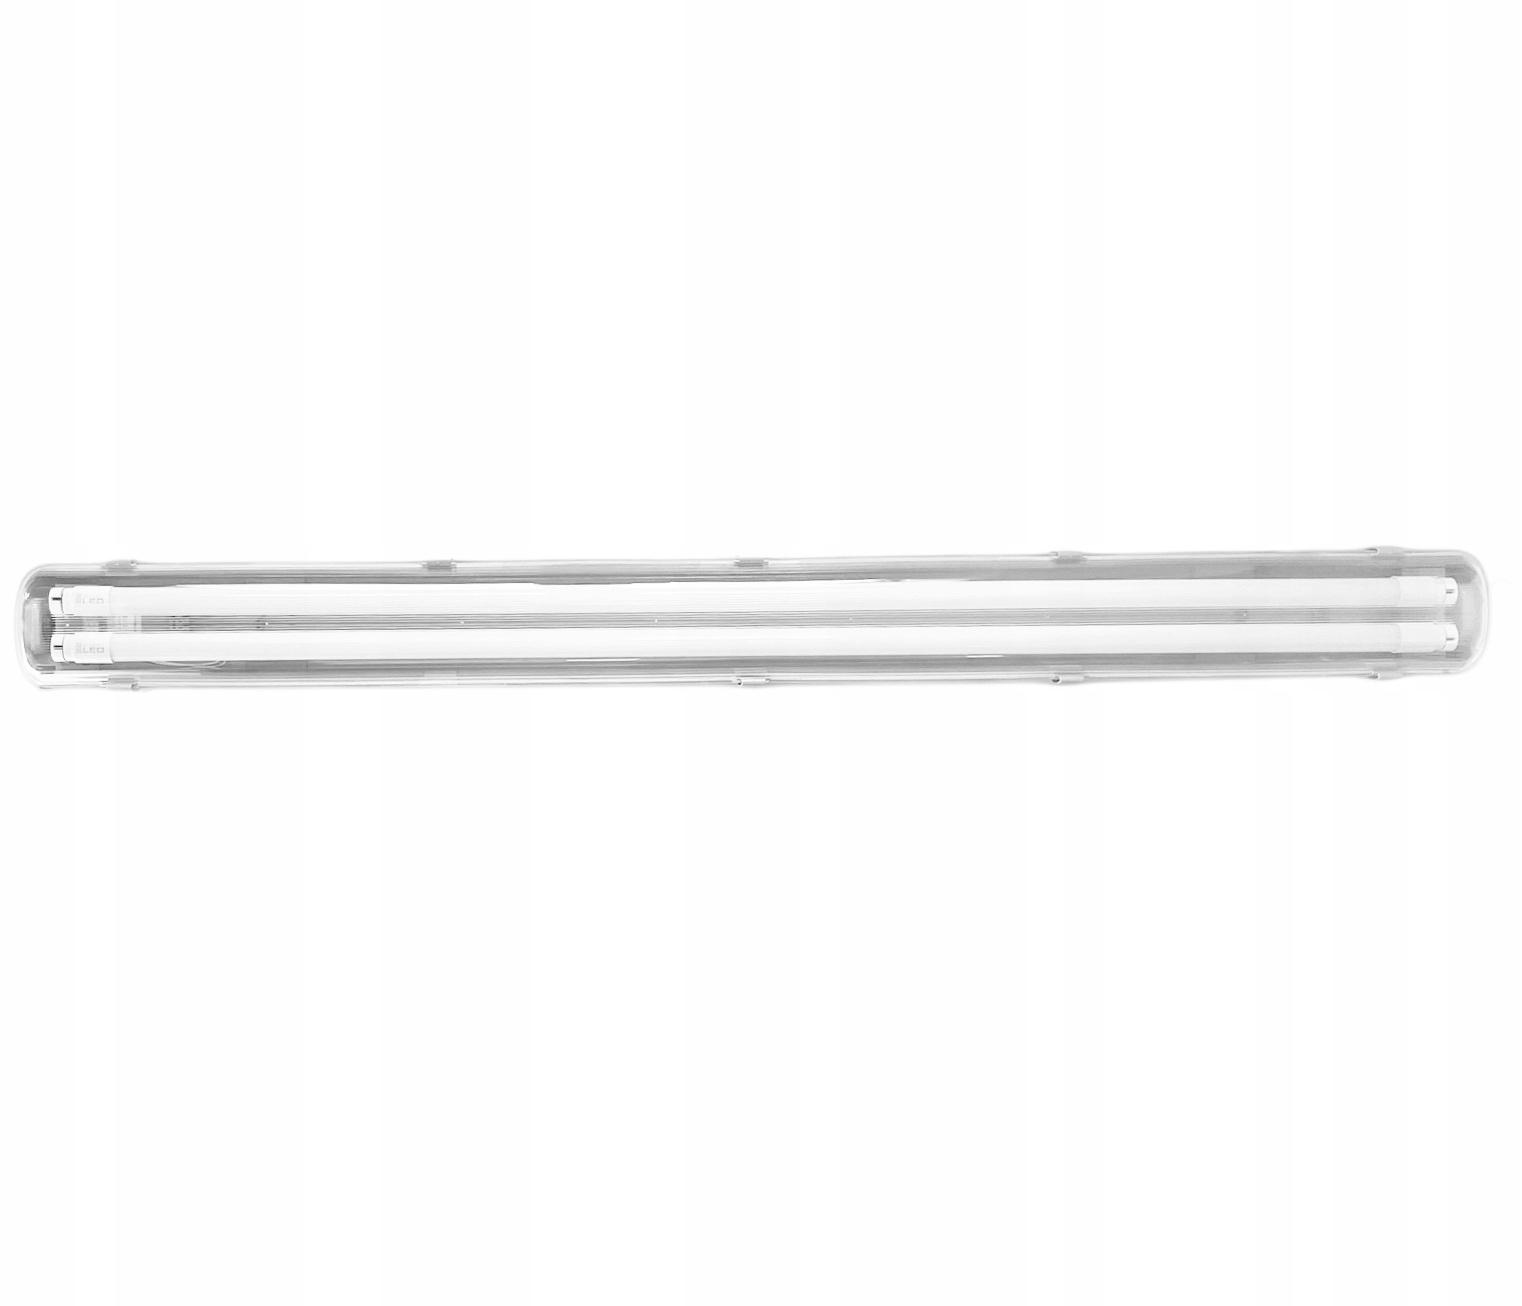 СВЕТИЛЬНИК ГЕРМЕТИЧНЫЙ 120см + 2 Лампы LED 40W